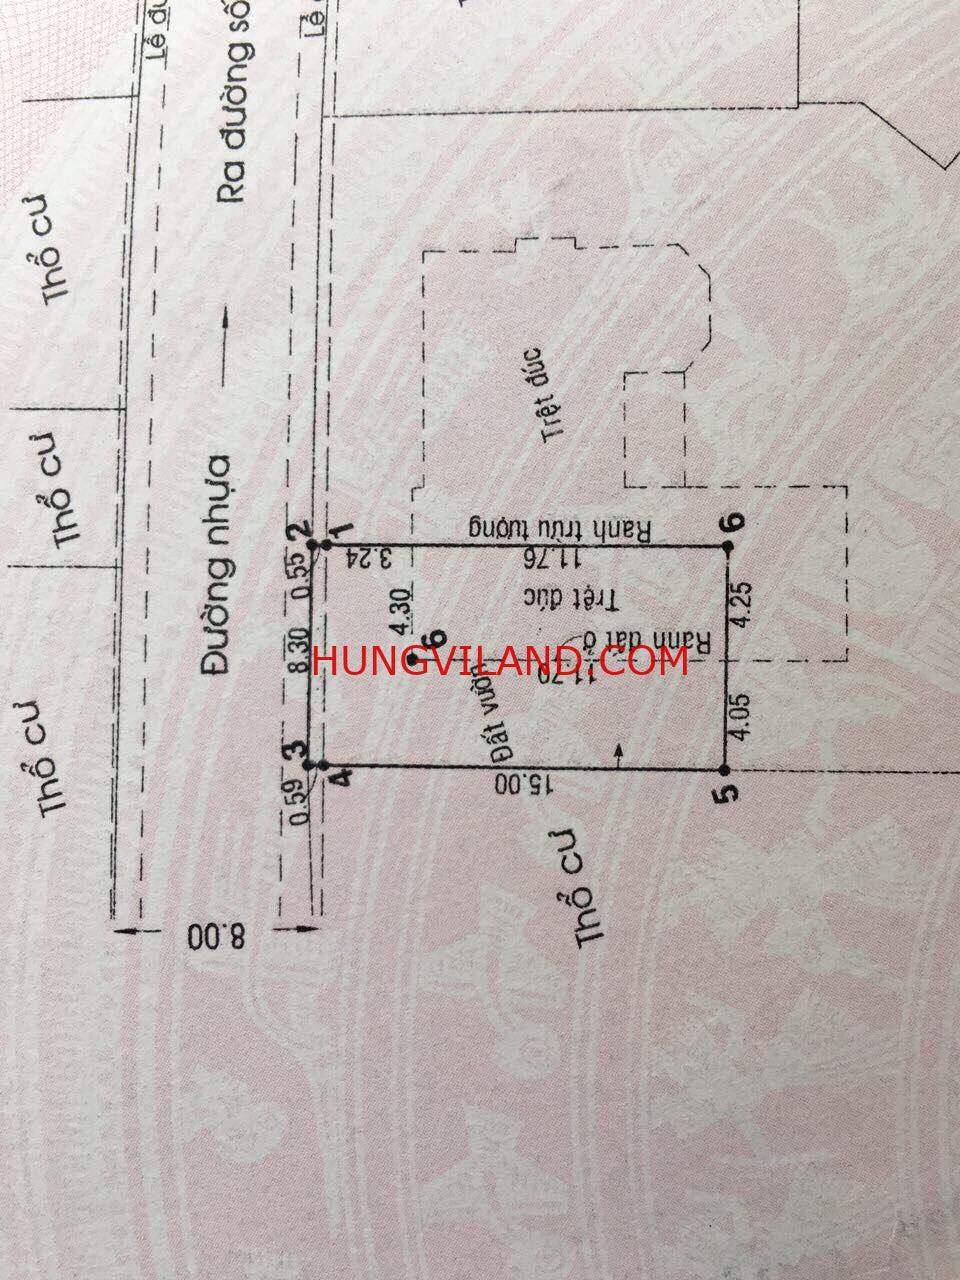 126 ! Bán nền biệt thự đường số 3 Trần Não Q2 $ 130 tr/m2- Diện tích: 8.3m x 15.56m thổ cư 129m2. Hướng Đông Bắc- Đường ô tô 8m, cạnh công viên, cách Trần Não chỉ 200m- Sổ hồng chính chủ xây tự do.